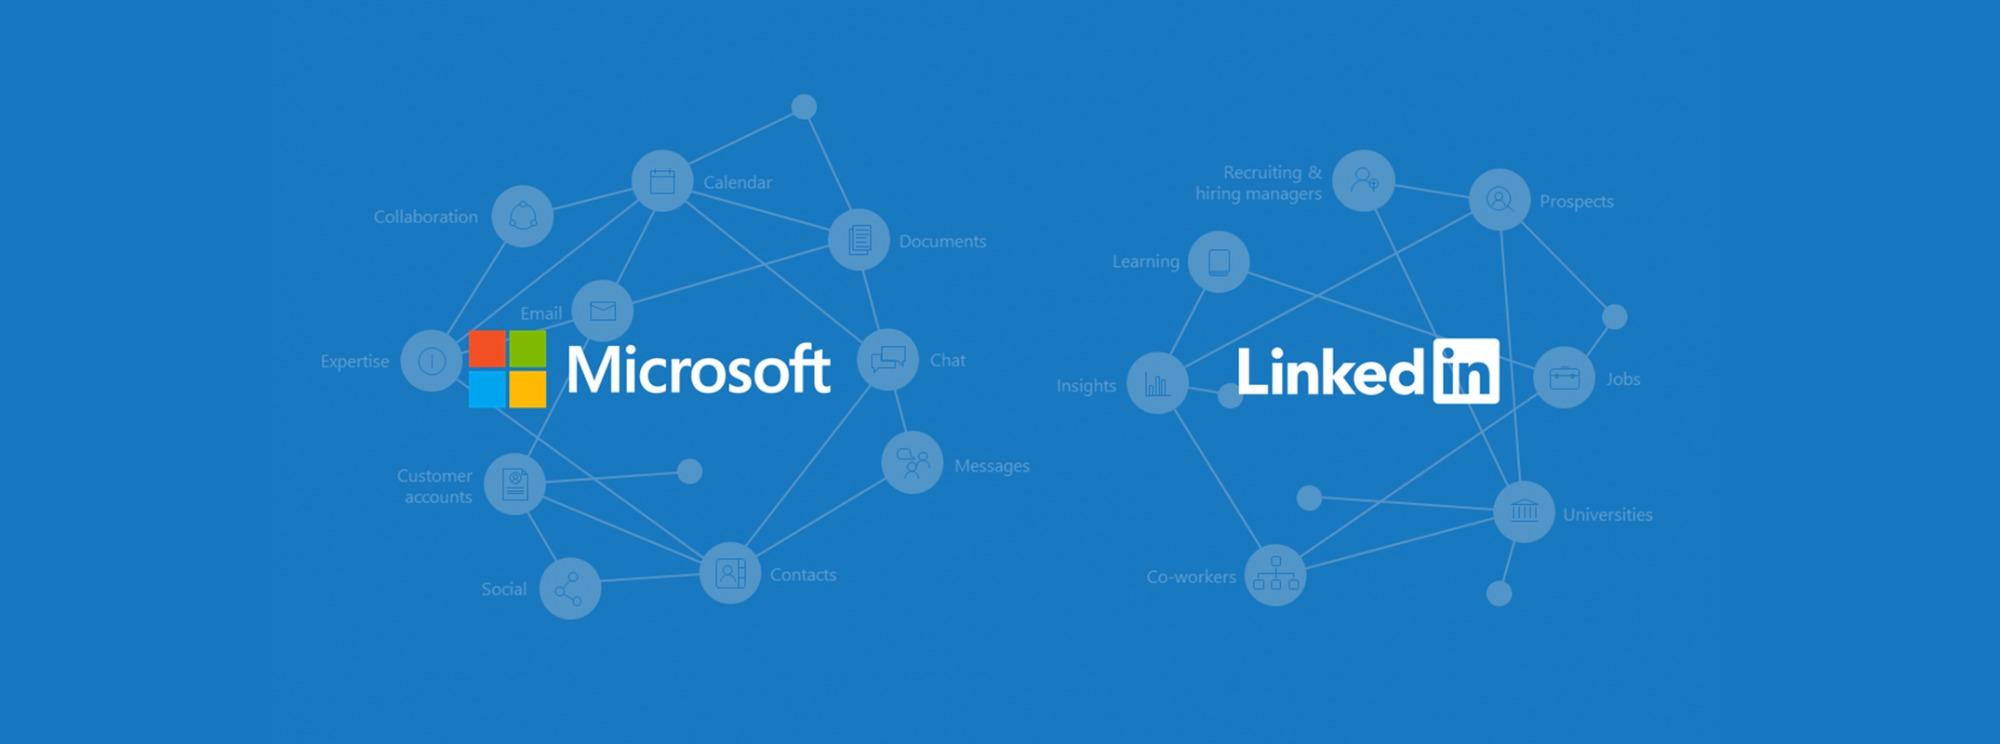 Microsoft er klare på hvordan de skal implementere LinkedIn i sine produkter og tjenester.